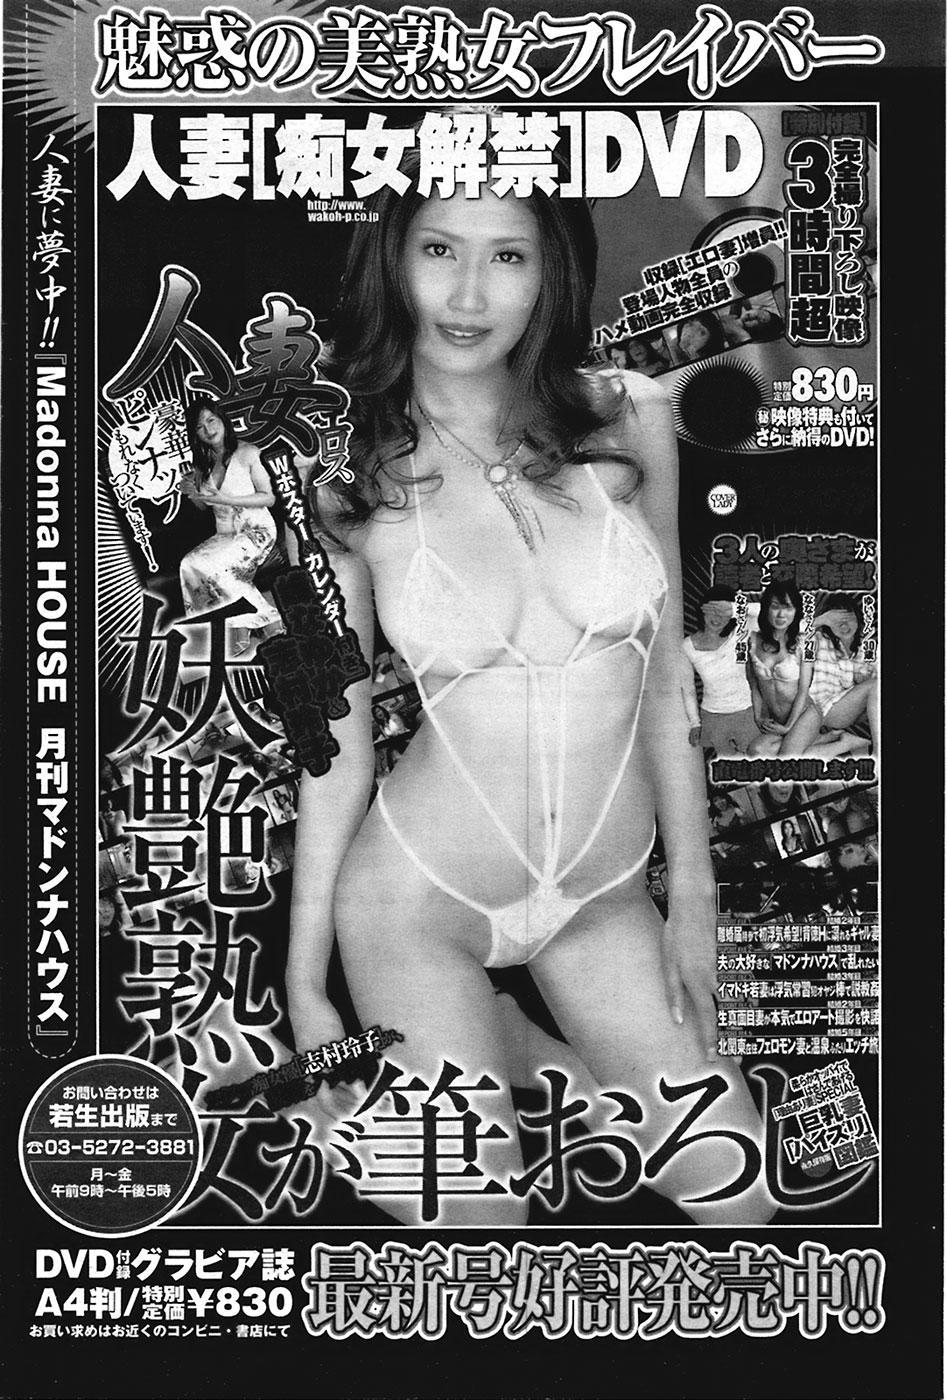 Comic Purumelo 2008-10 Vol.22 159